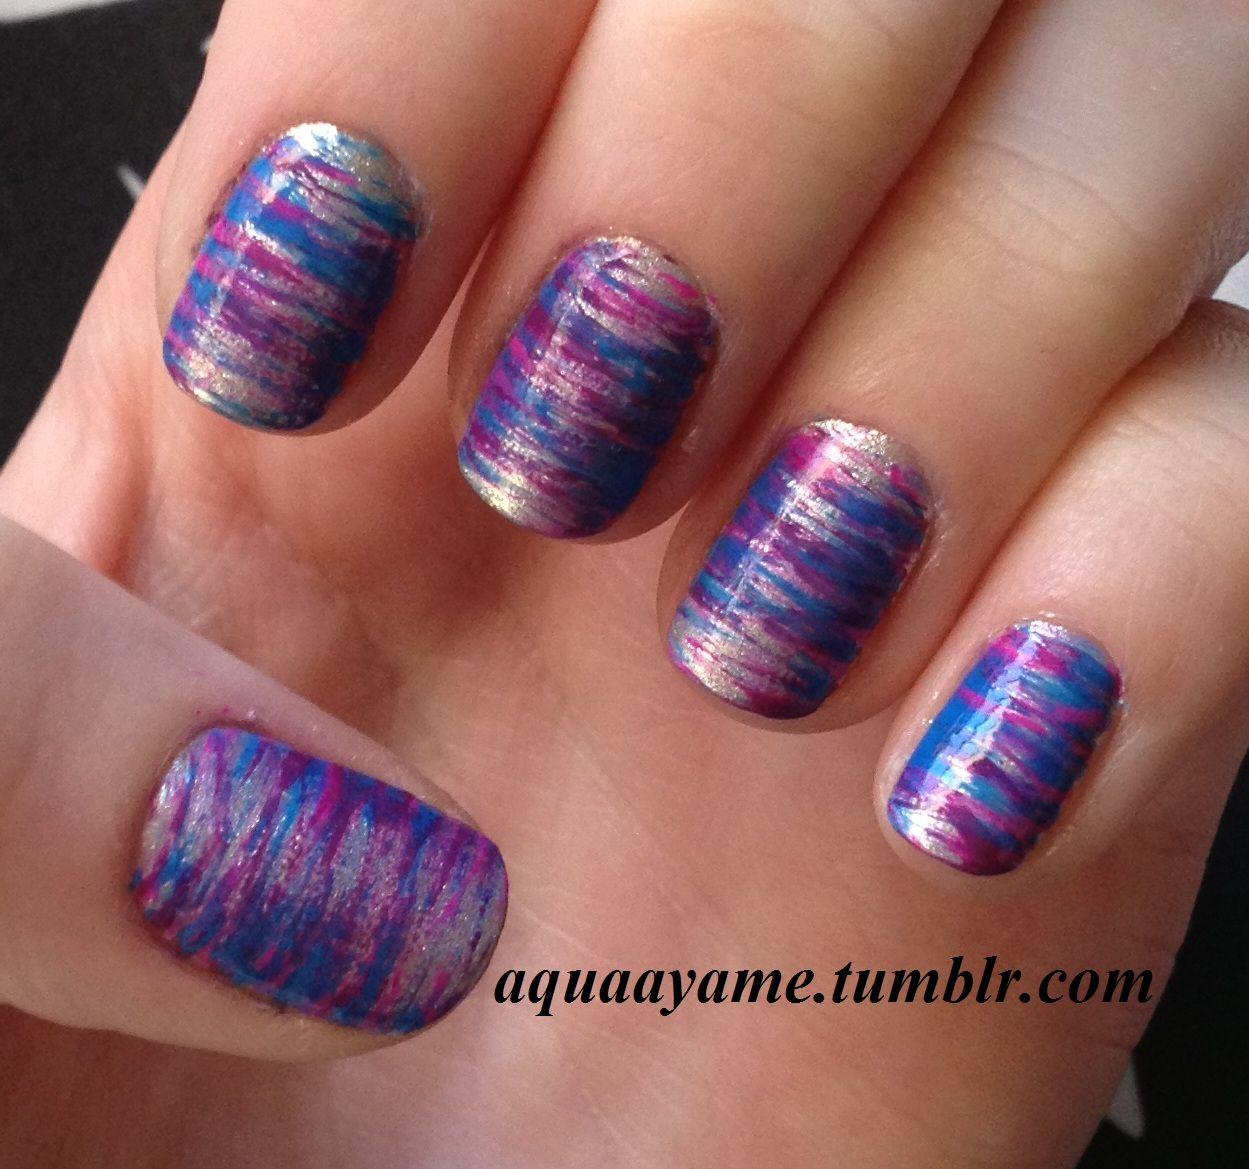 Fan Brush Nail Art | Fan brush nails, Fan brush and Art nails